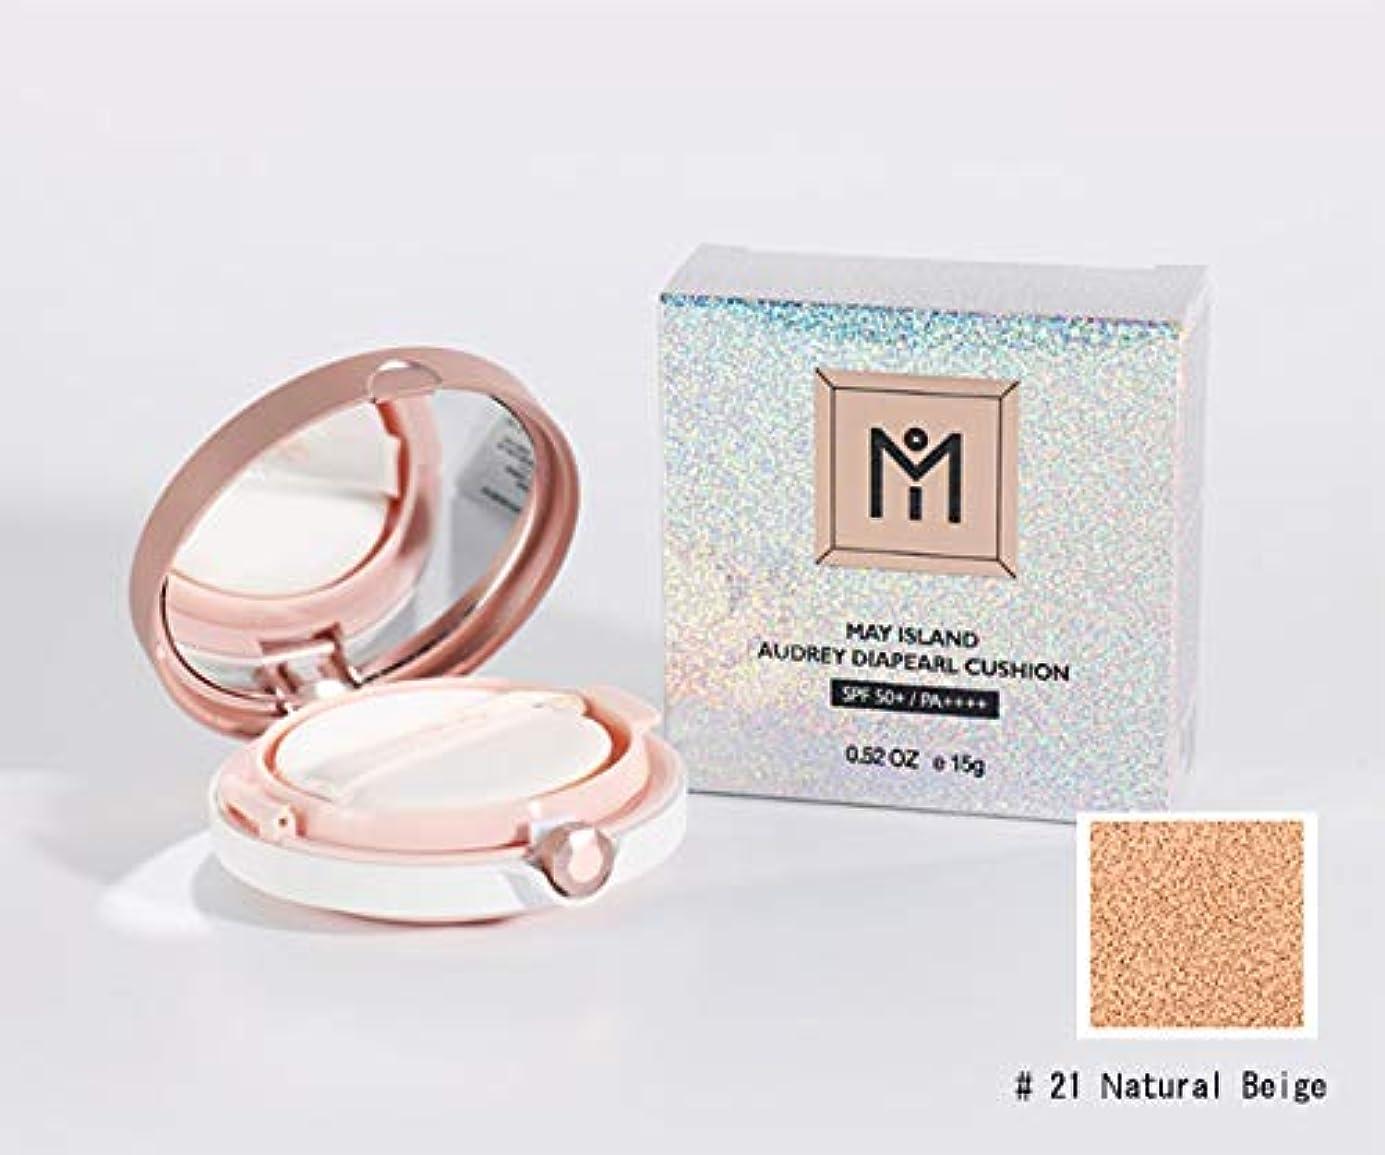 健康的タバコ資本[MAY ISLAND] AUDREY DIAPEARL CUSHION[#21.Natural Beige] ダイヤモンドパールクッション SPF50+/ PA++++[美白、シワの改善、紫外線遮断3の機能性化粧品]韓国...